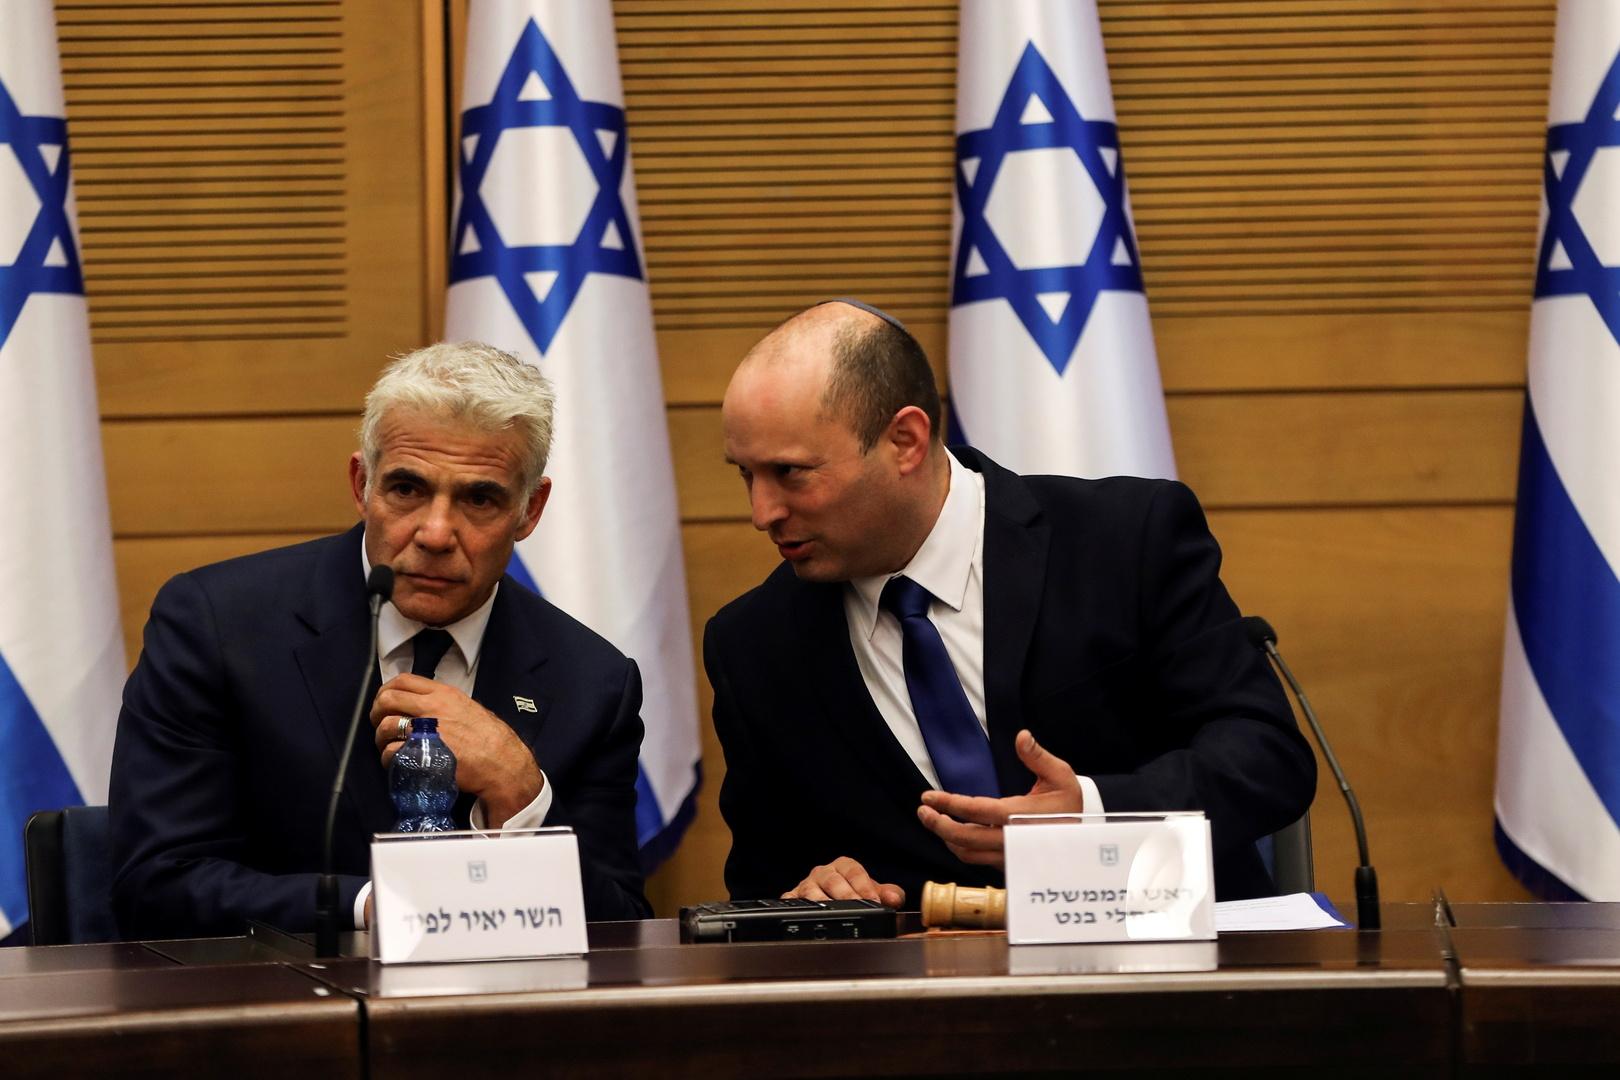 إعلام إسرائيلي: إدارة بايدن